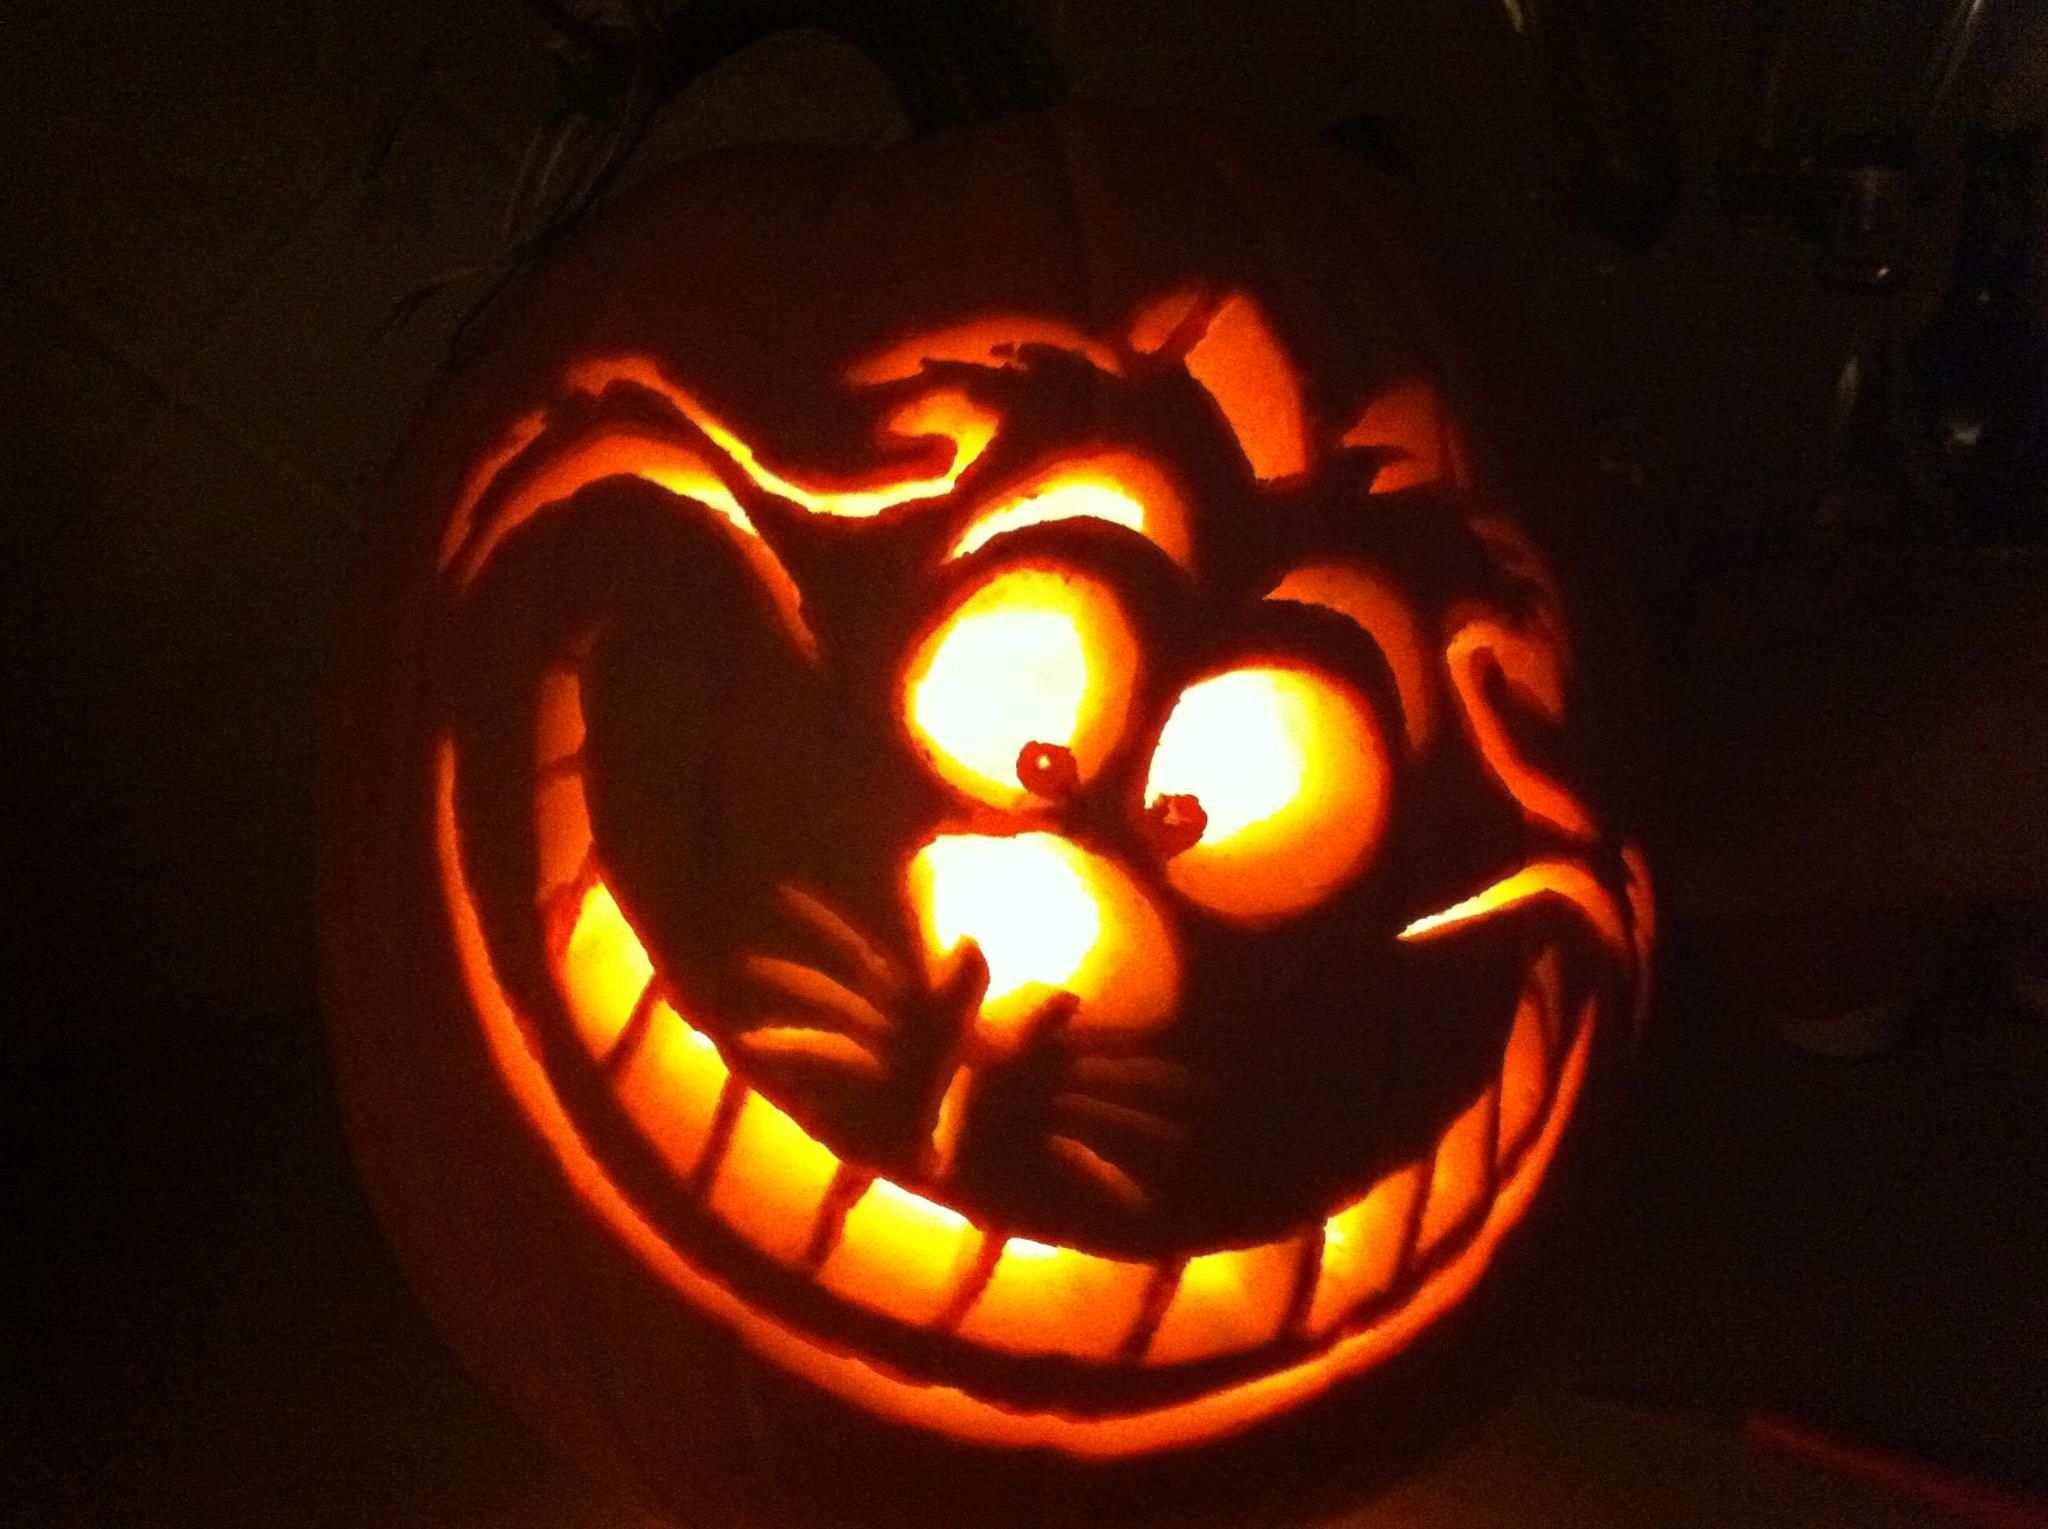 Cheshire Cat So Much Fun Carving This Pumpkin Halloween Kurbis Schnitzvorlagen Kurbis Schnitzen Motive Halloween Kurbis Vorlagen